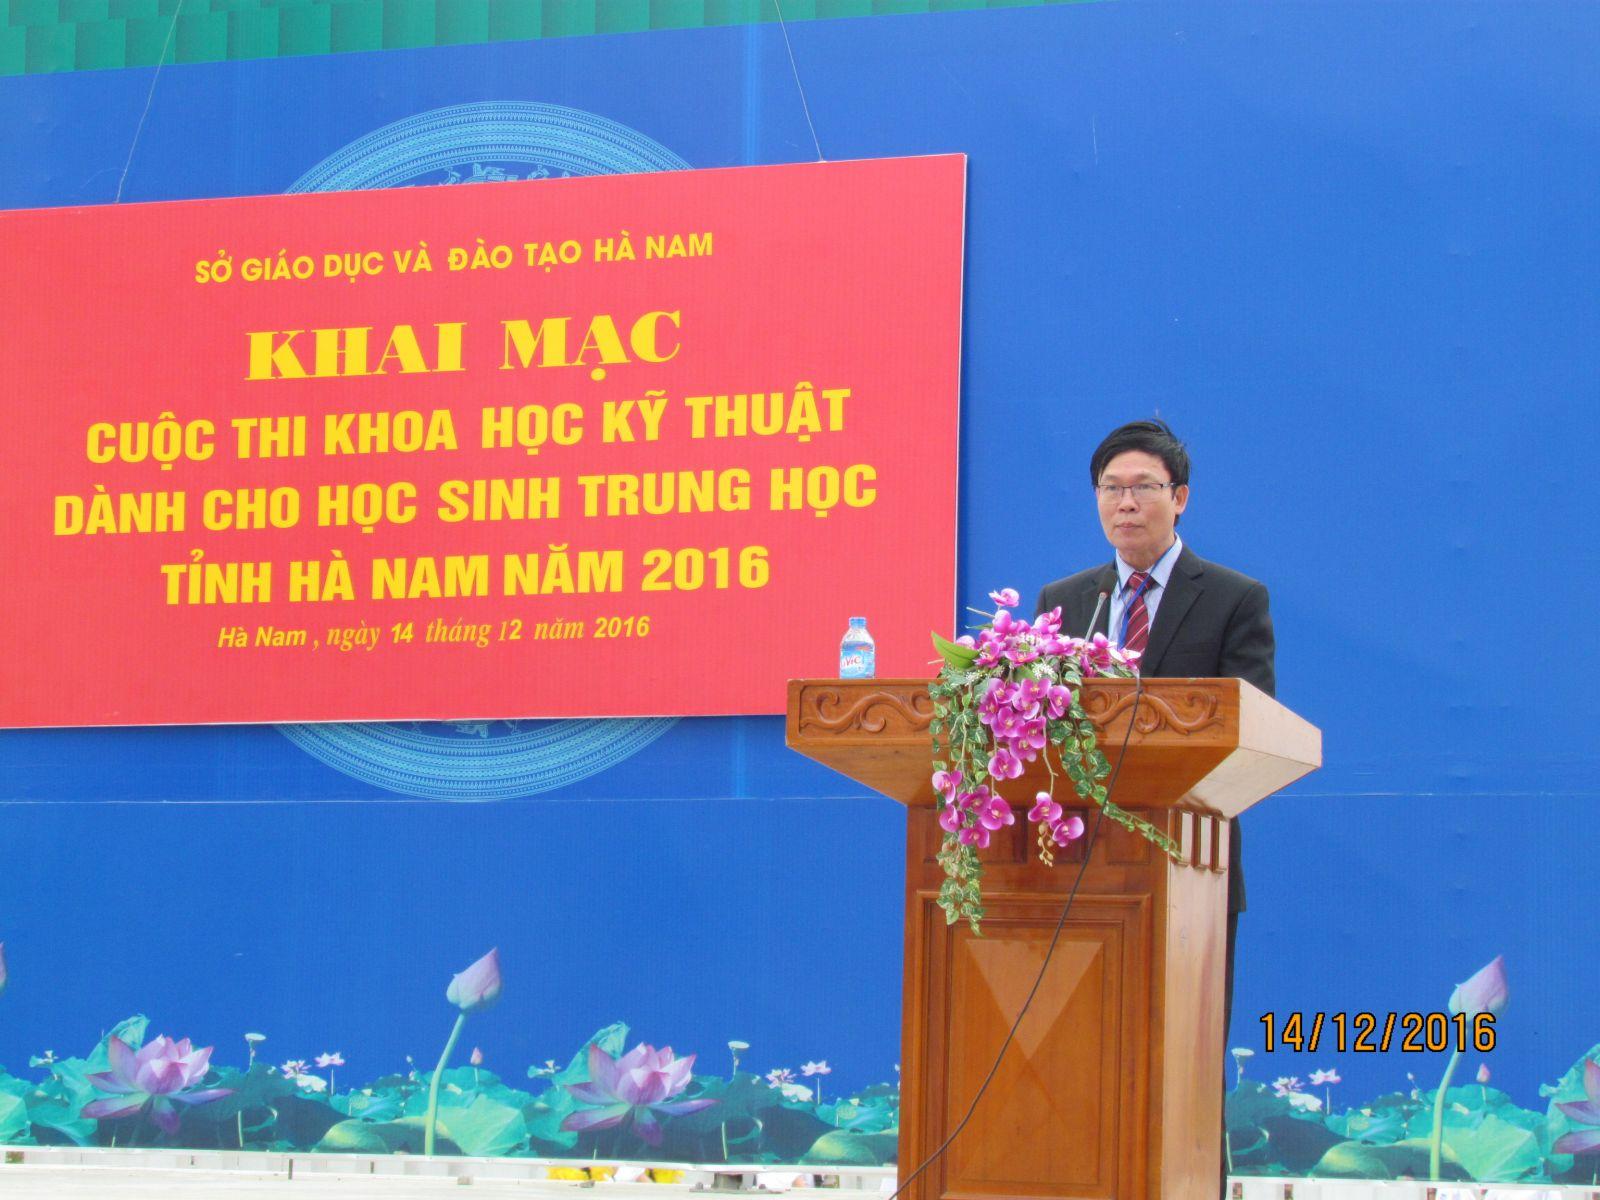 Ông Nguyễn Văn Diện, Phó giám đốc - Phó trưởng ban tổ chức hội thi phát biểu khai mạc